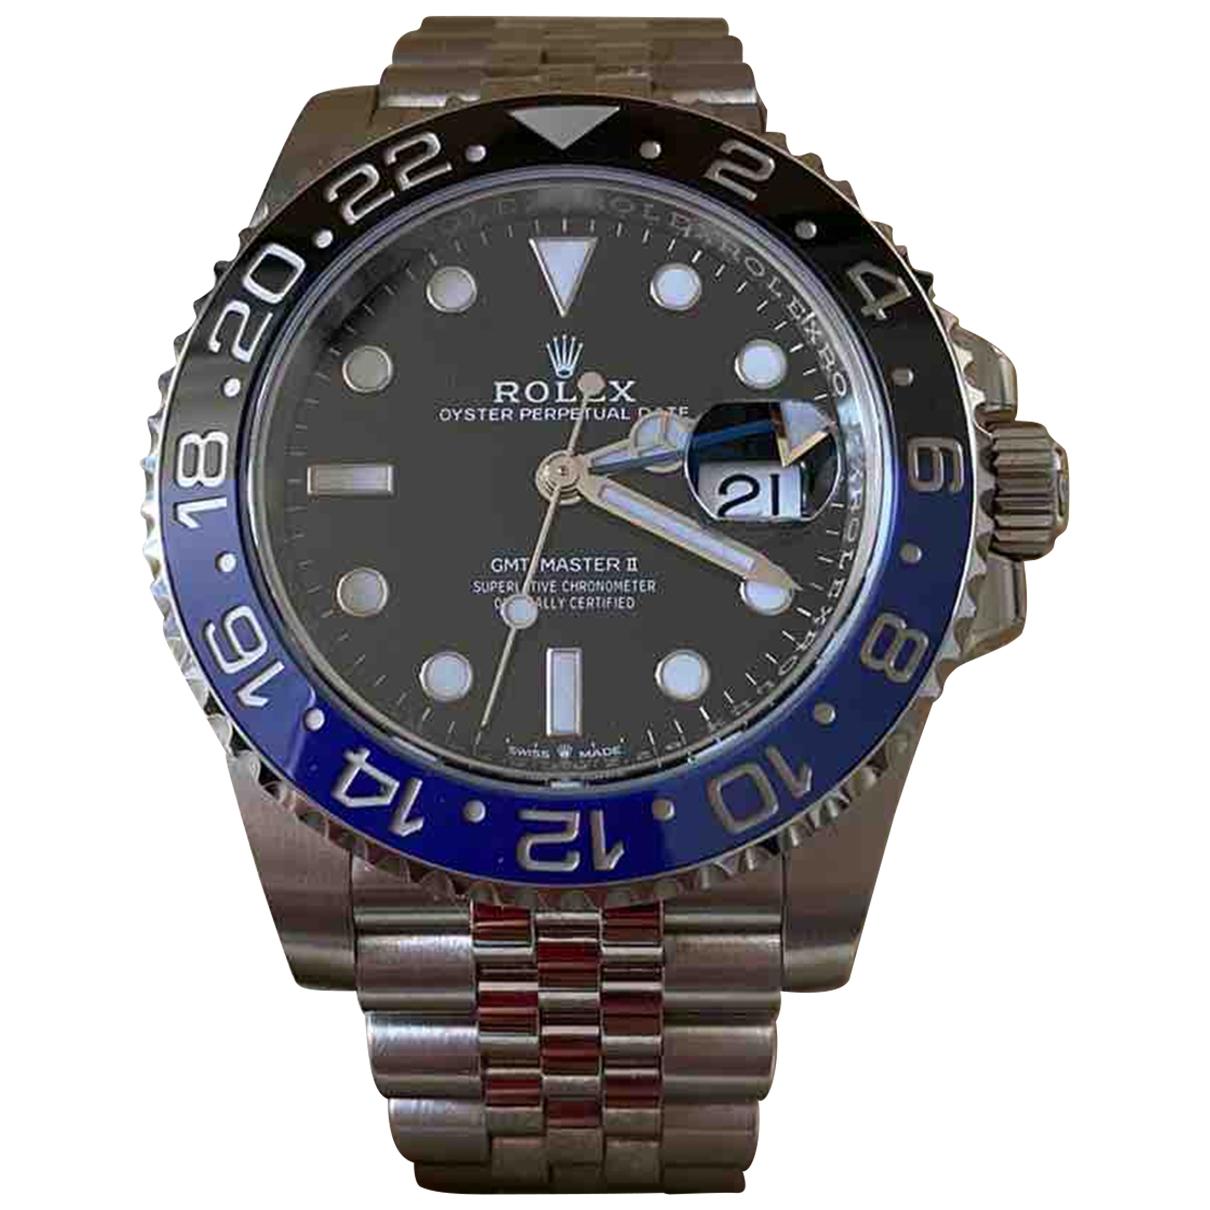 Rolex GMT-Master II Uhr in Stahl